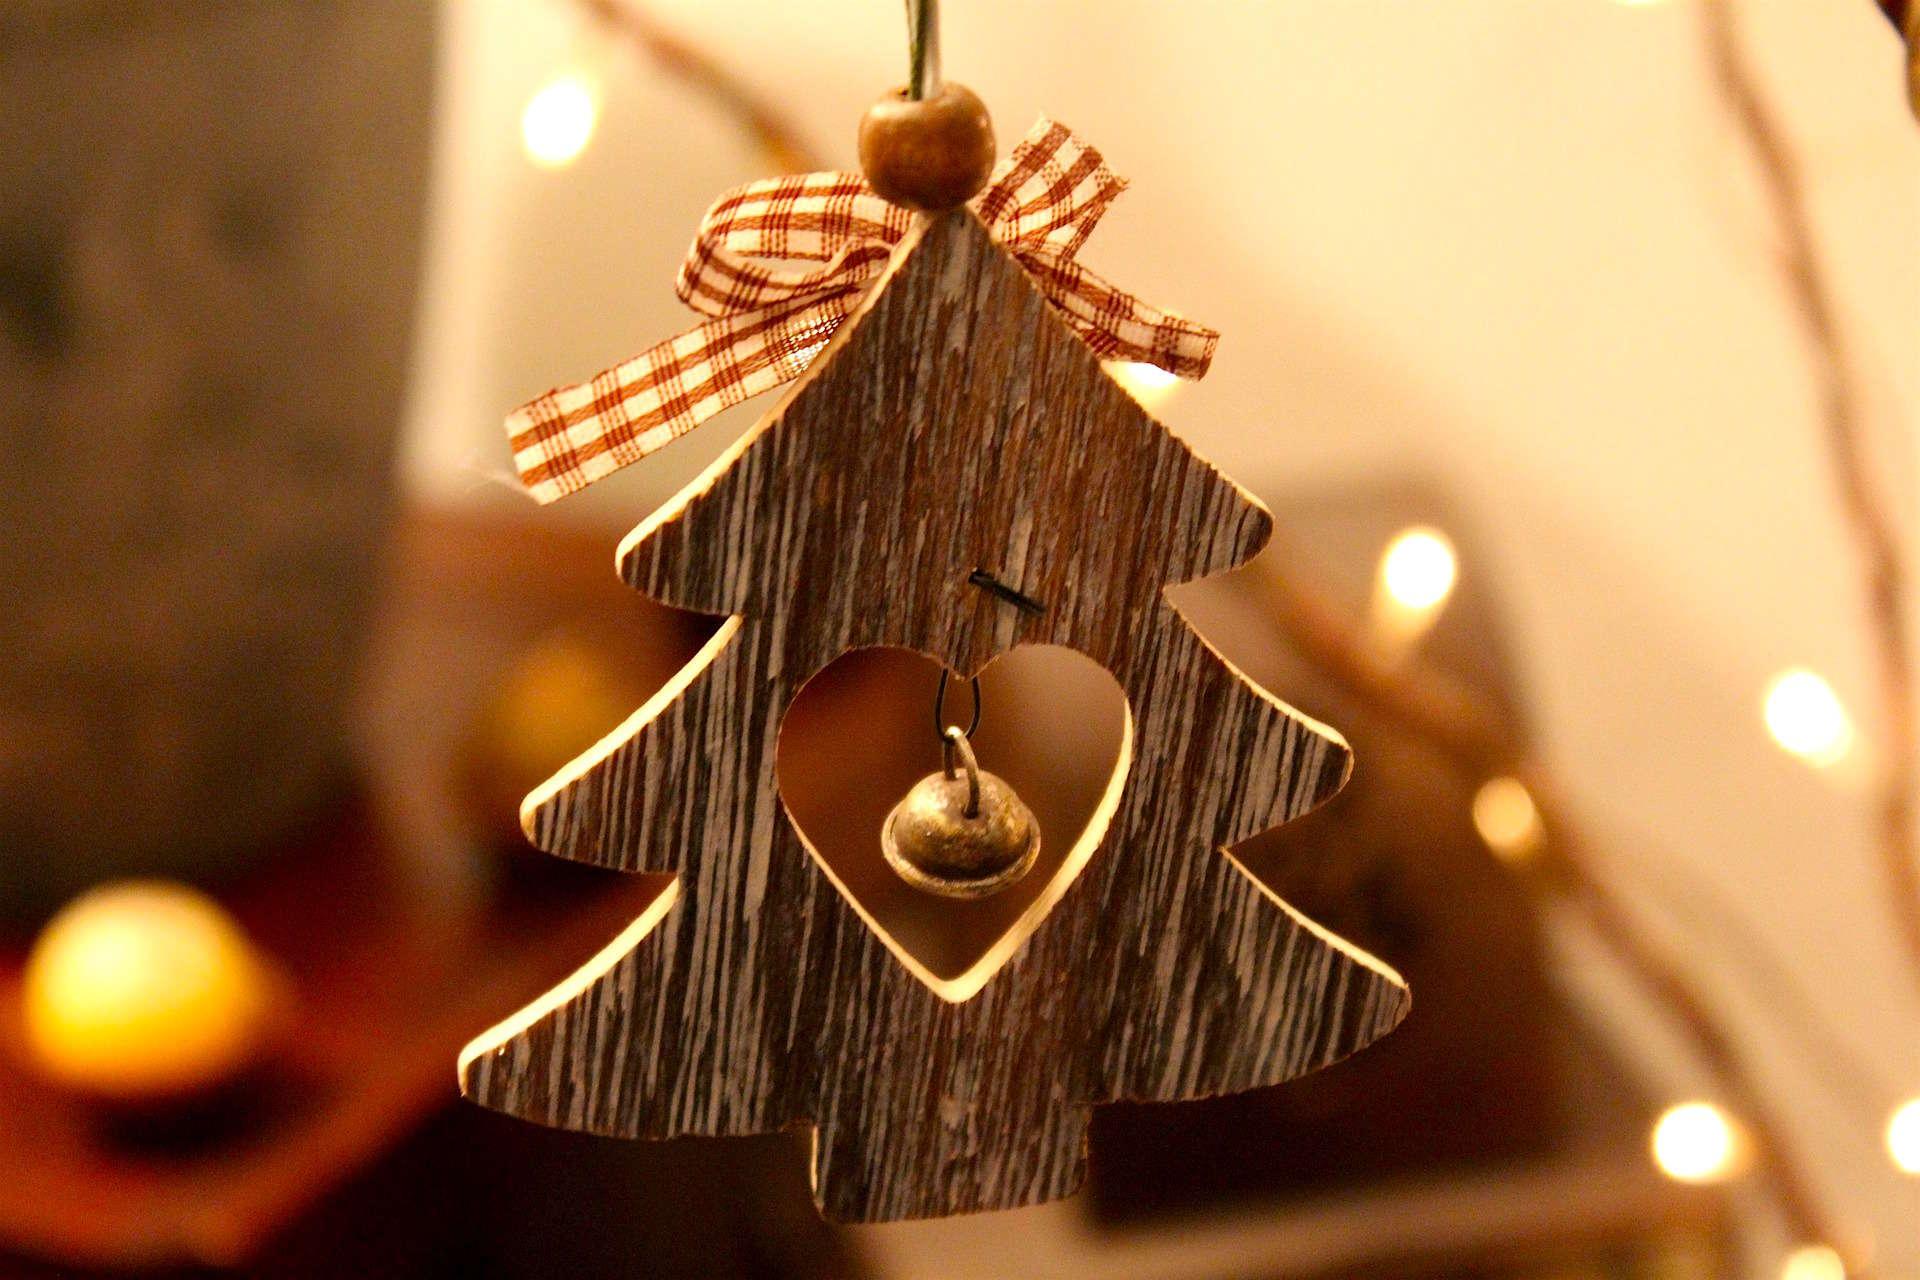 Merry Christmas Słownictwo I życzenia świąteczne